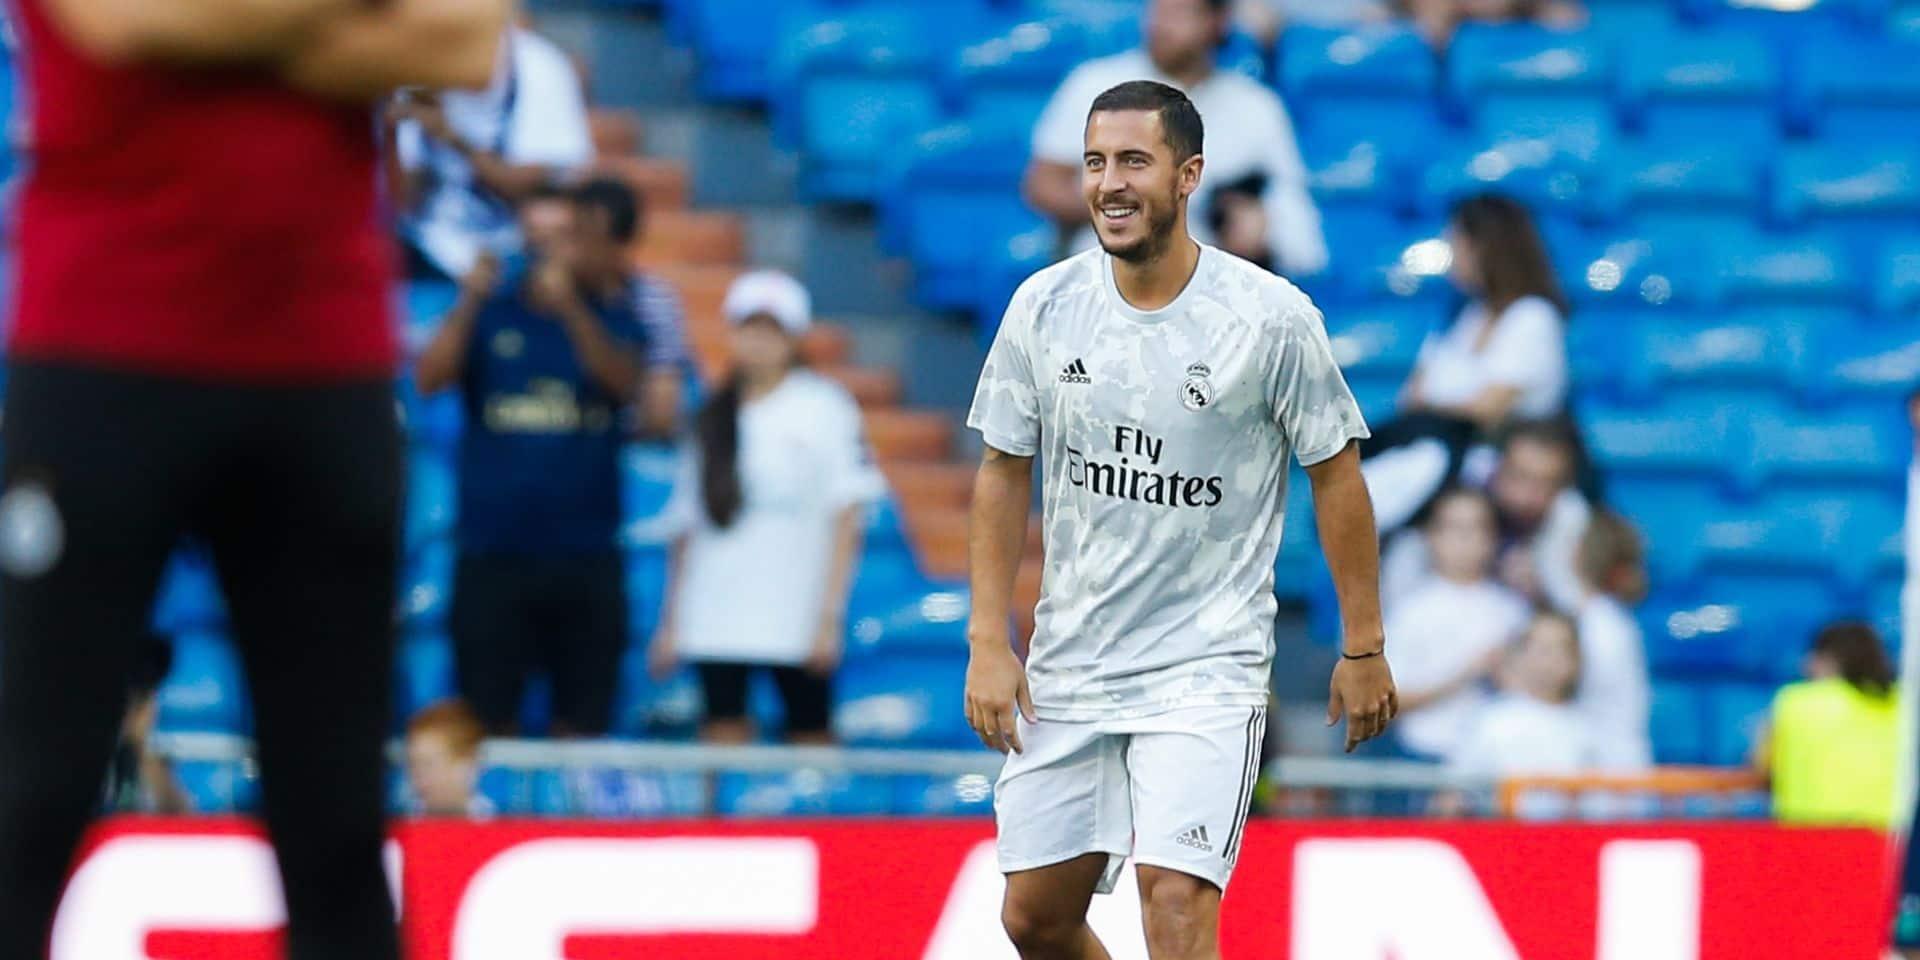 Pourquoi Eden Hazard n'est pas monté au jeu face à l'Inter